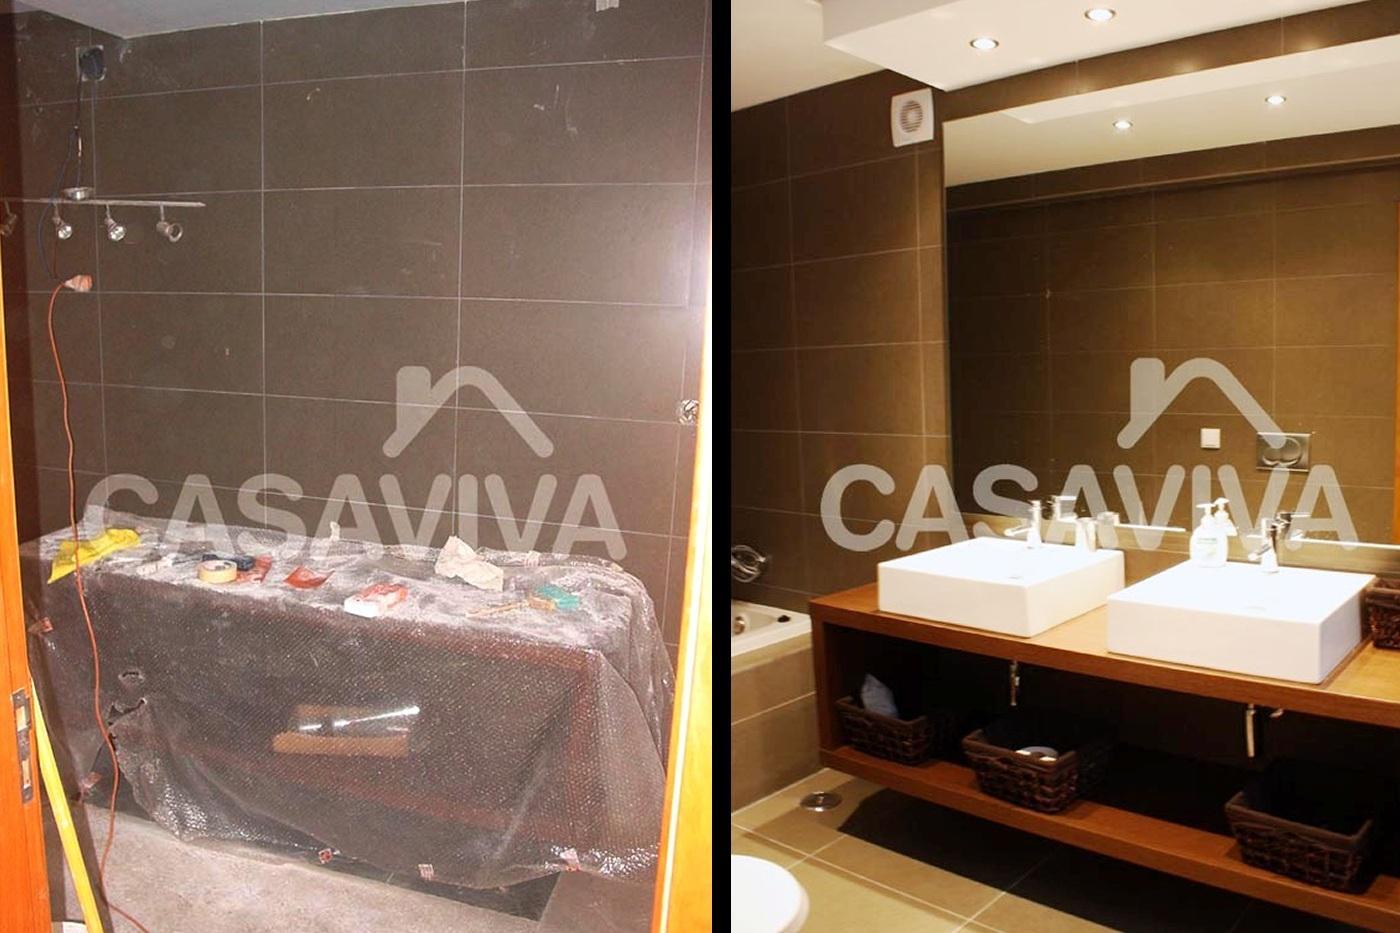 Portfólio Antes e Depois Casa de Banho Remodelação de Moradia  #C59006 1400 933